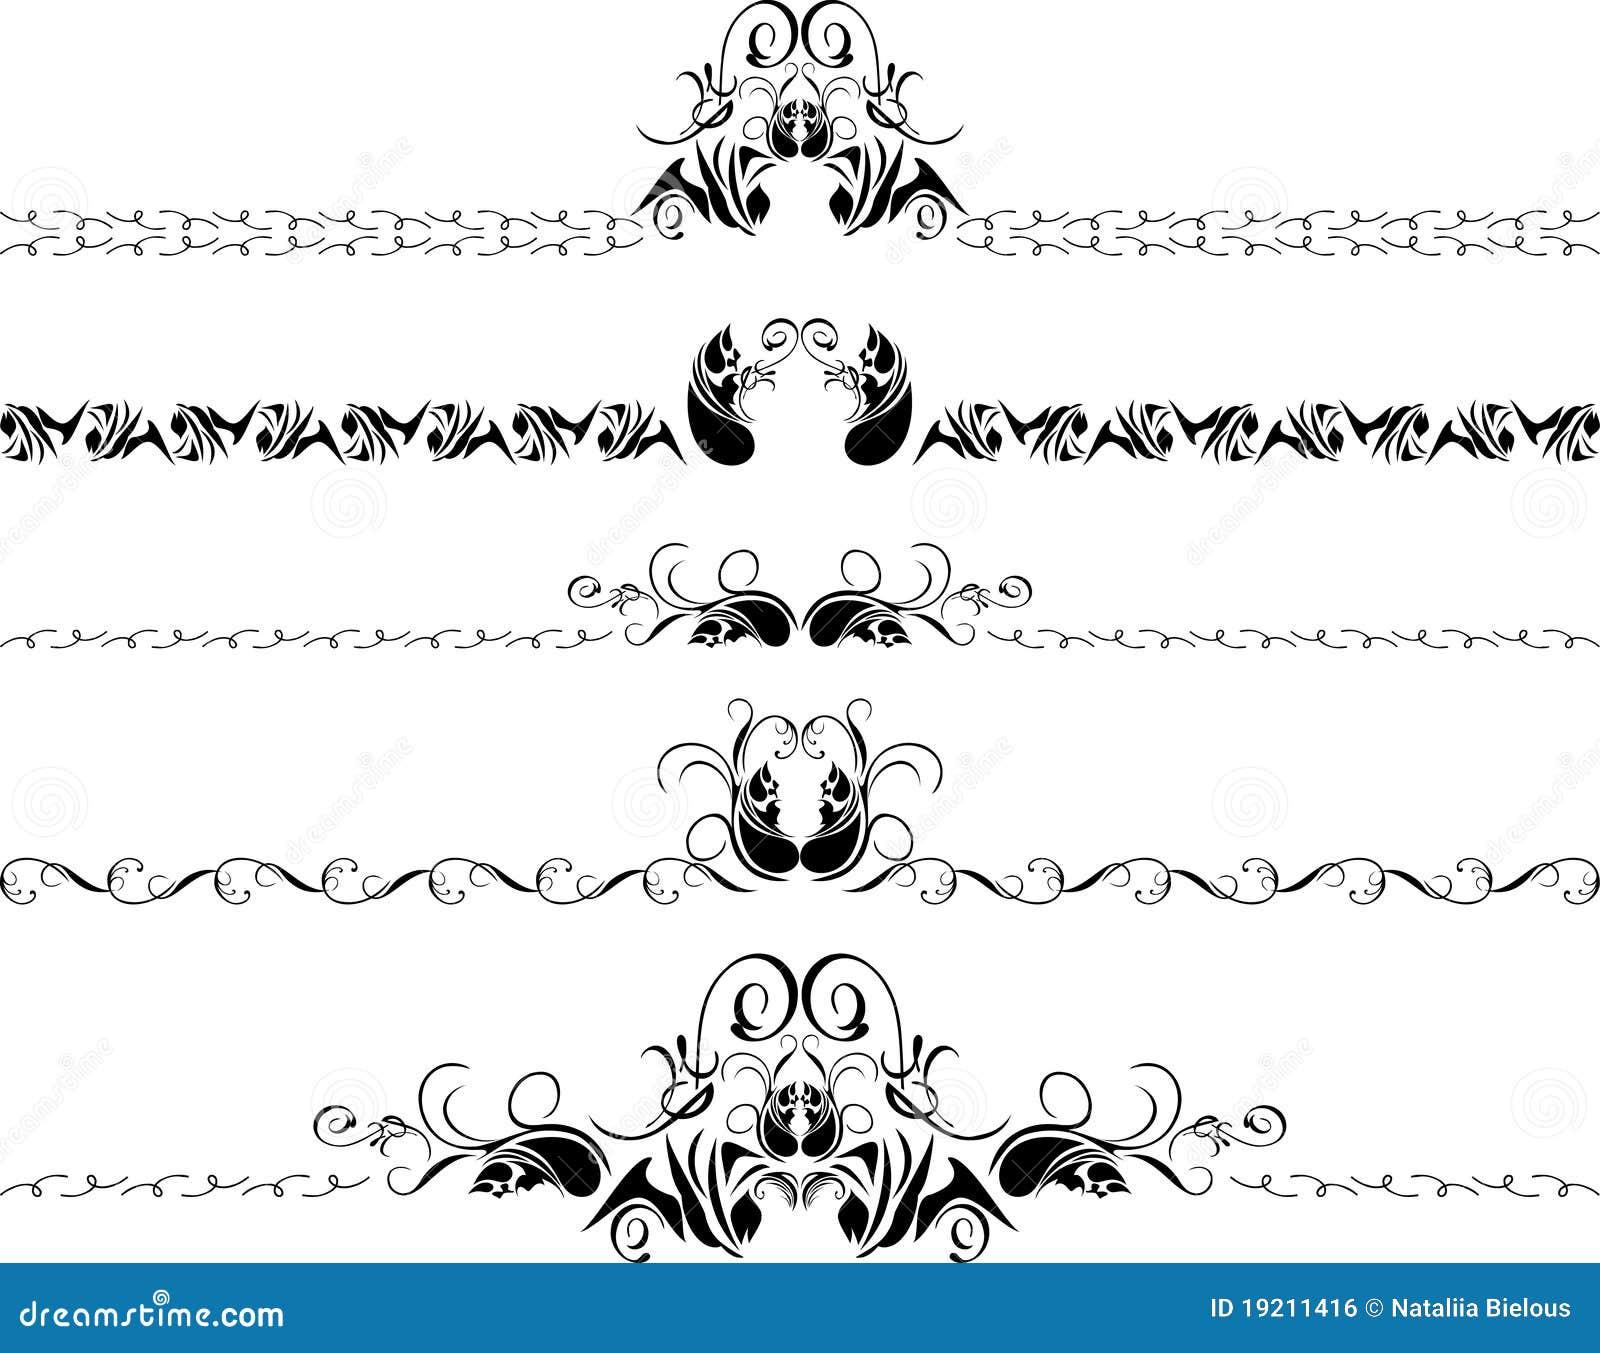 Cinque bordi decorativi illustrazione vettoriale for Bordi decorativi